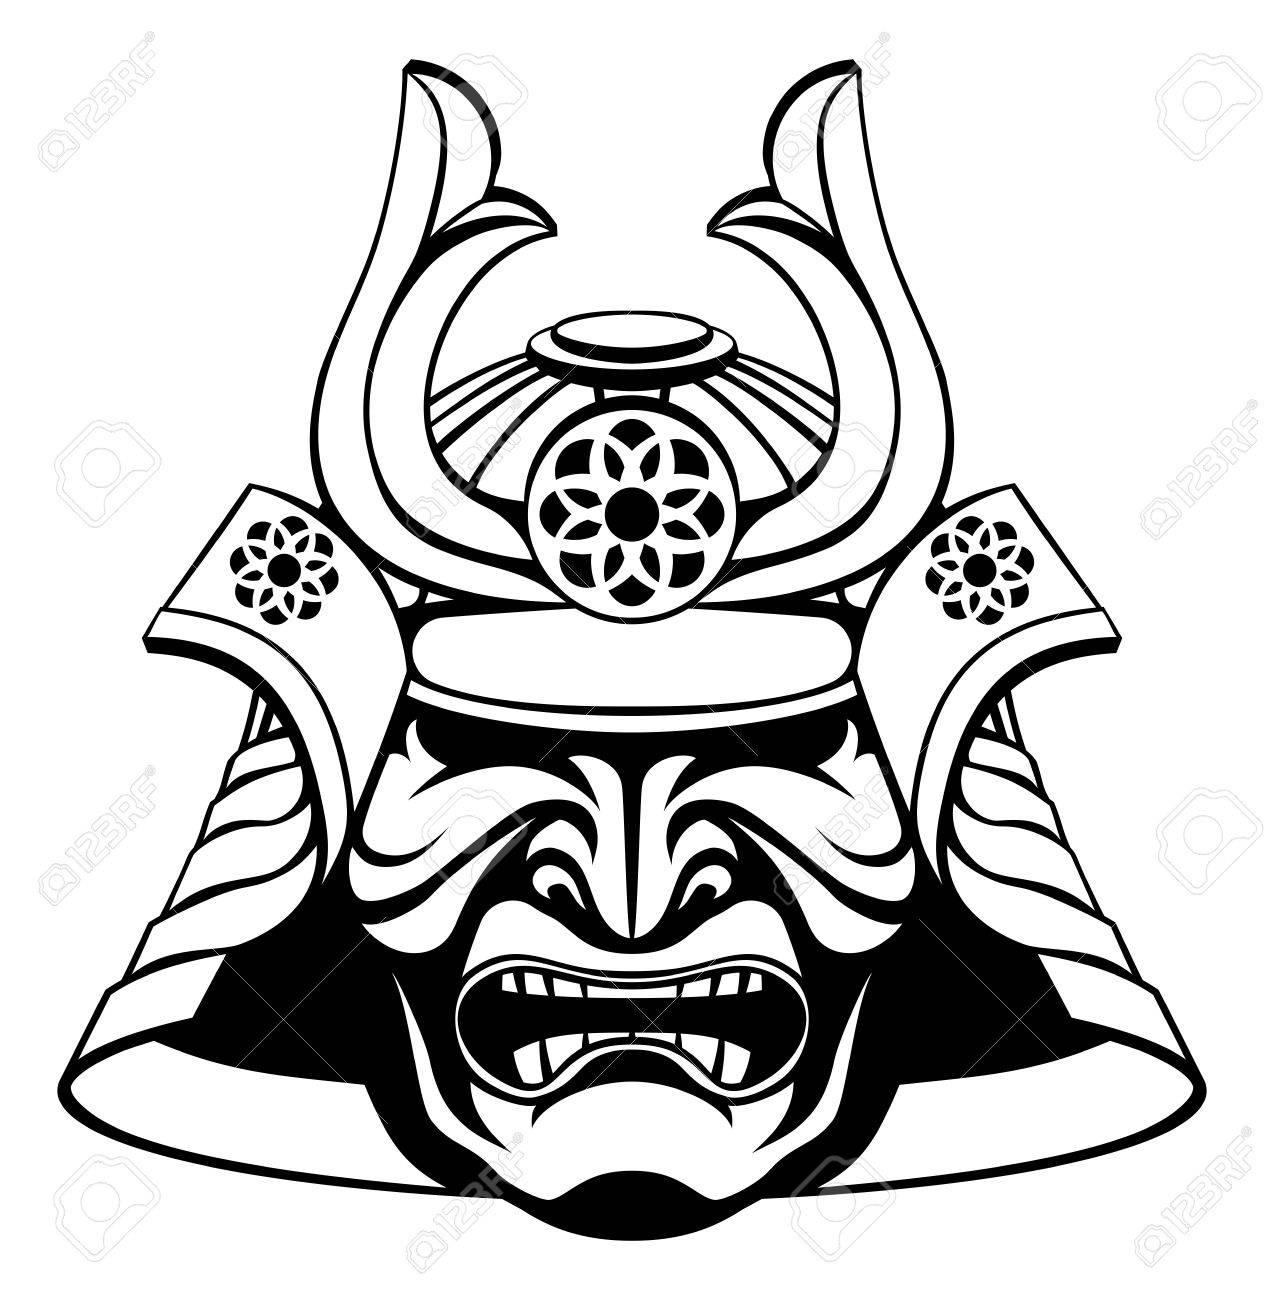 Samurai Armor Drawing At Getdrawings